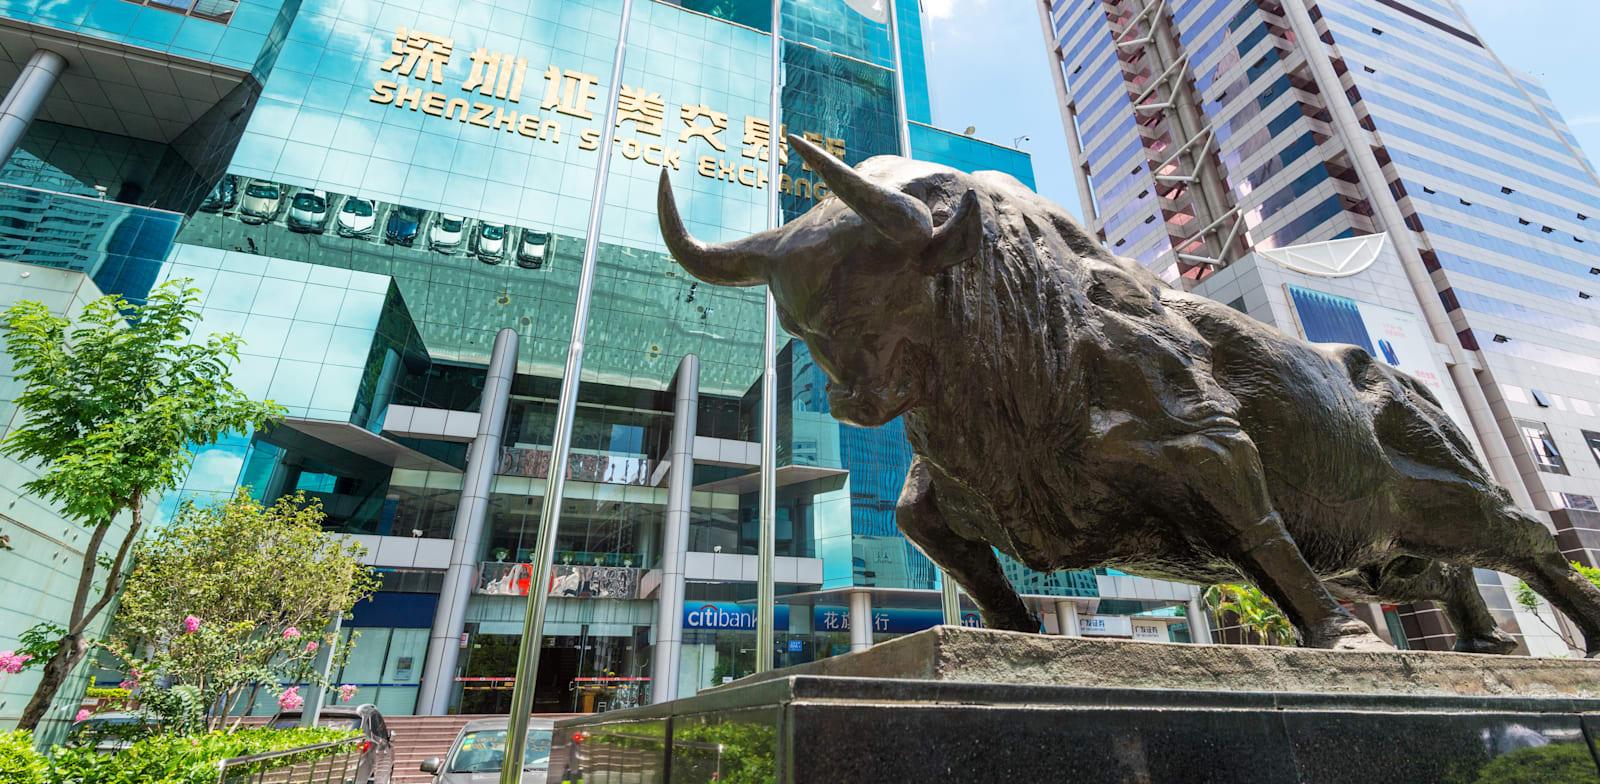 הבורסה בשנזן, סין / צילום: Shutterstock